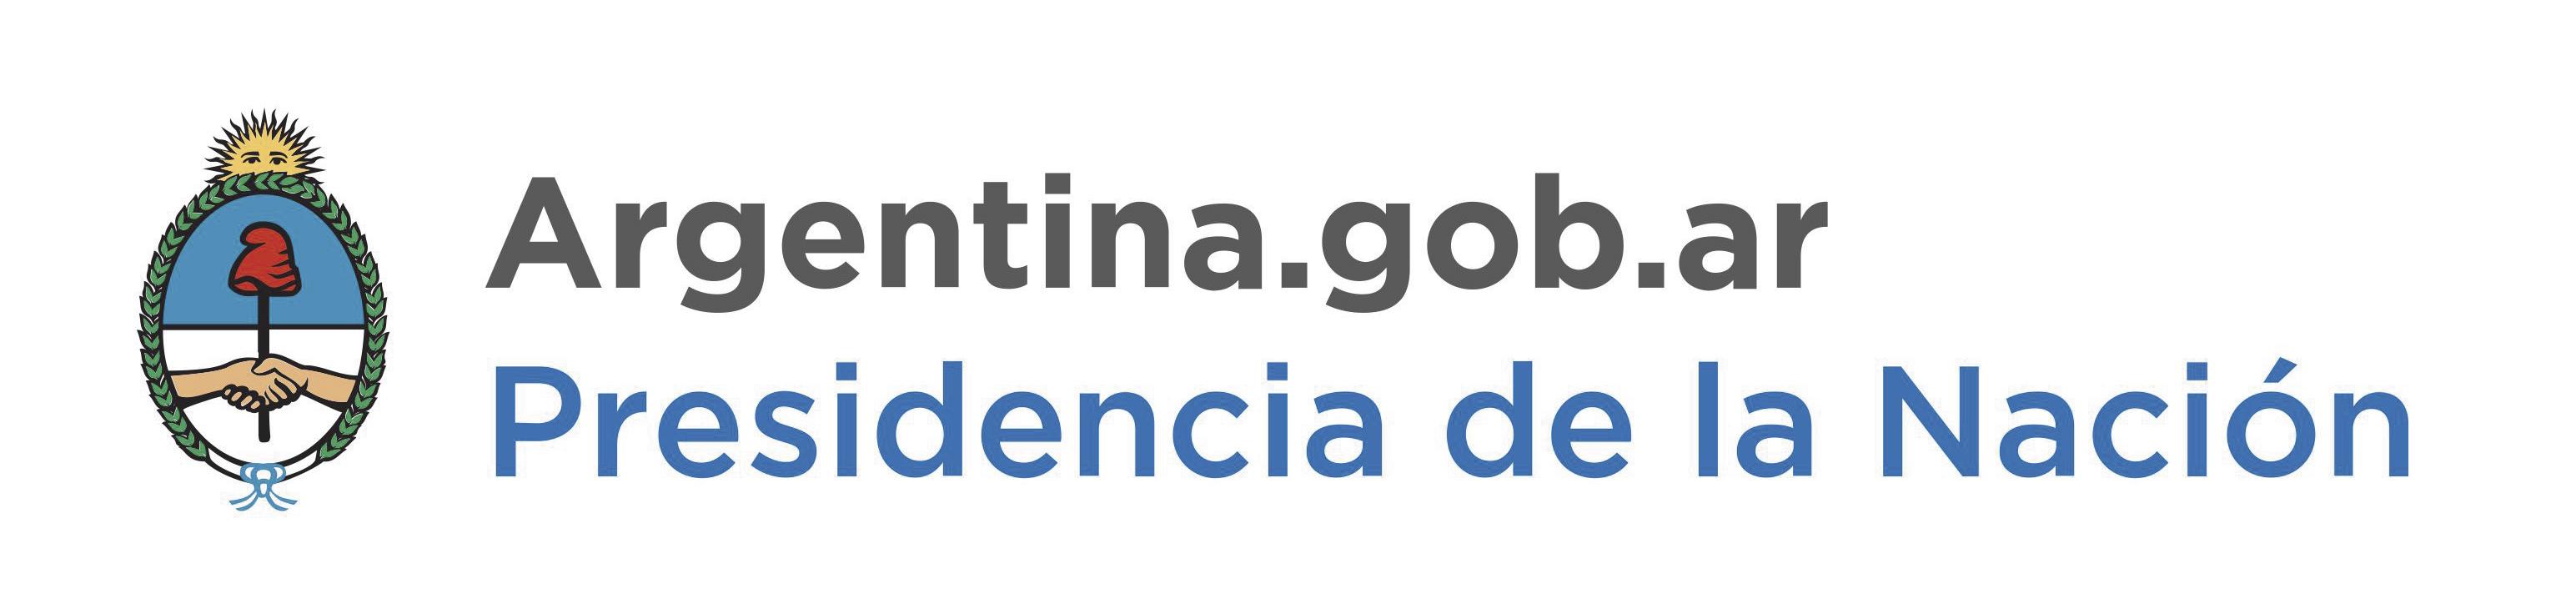 Secretaría de Infraestructura y Política Hídrica de la Nación